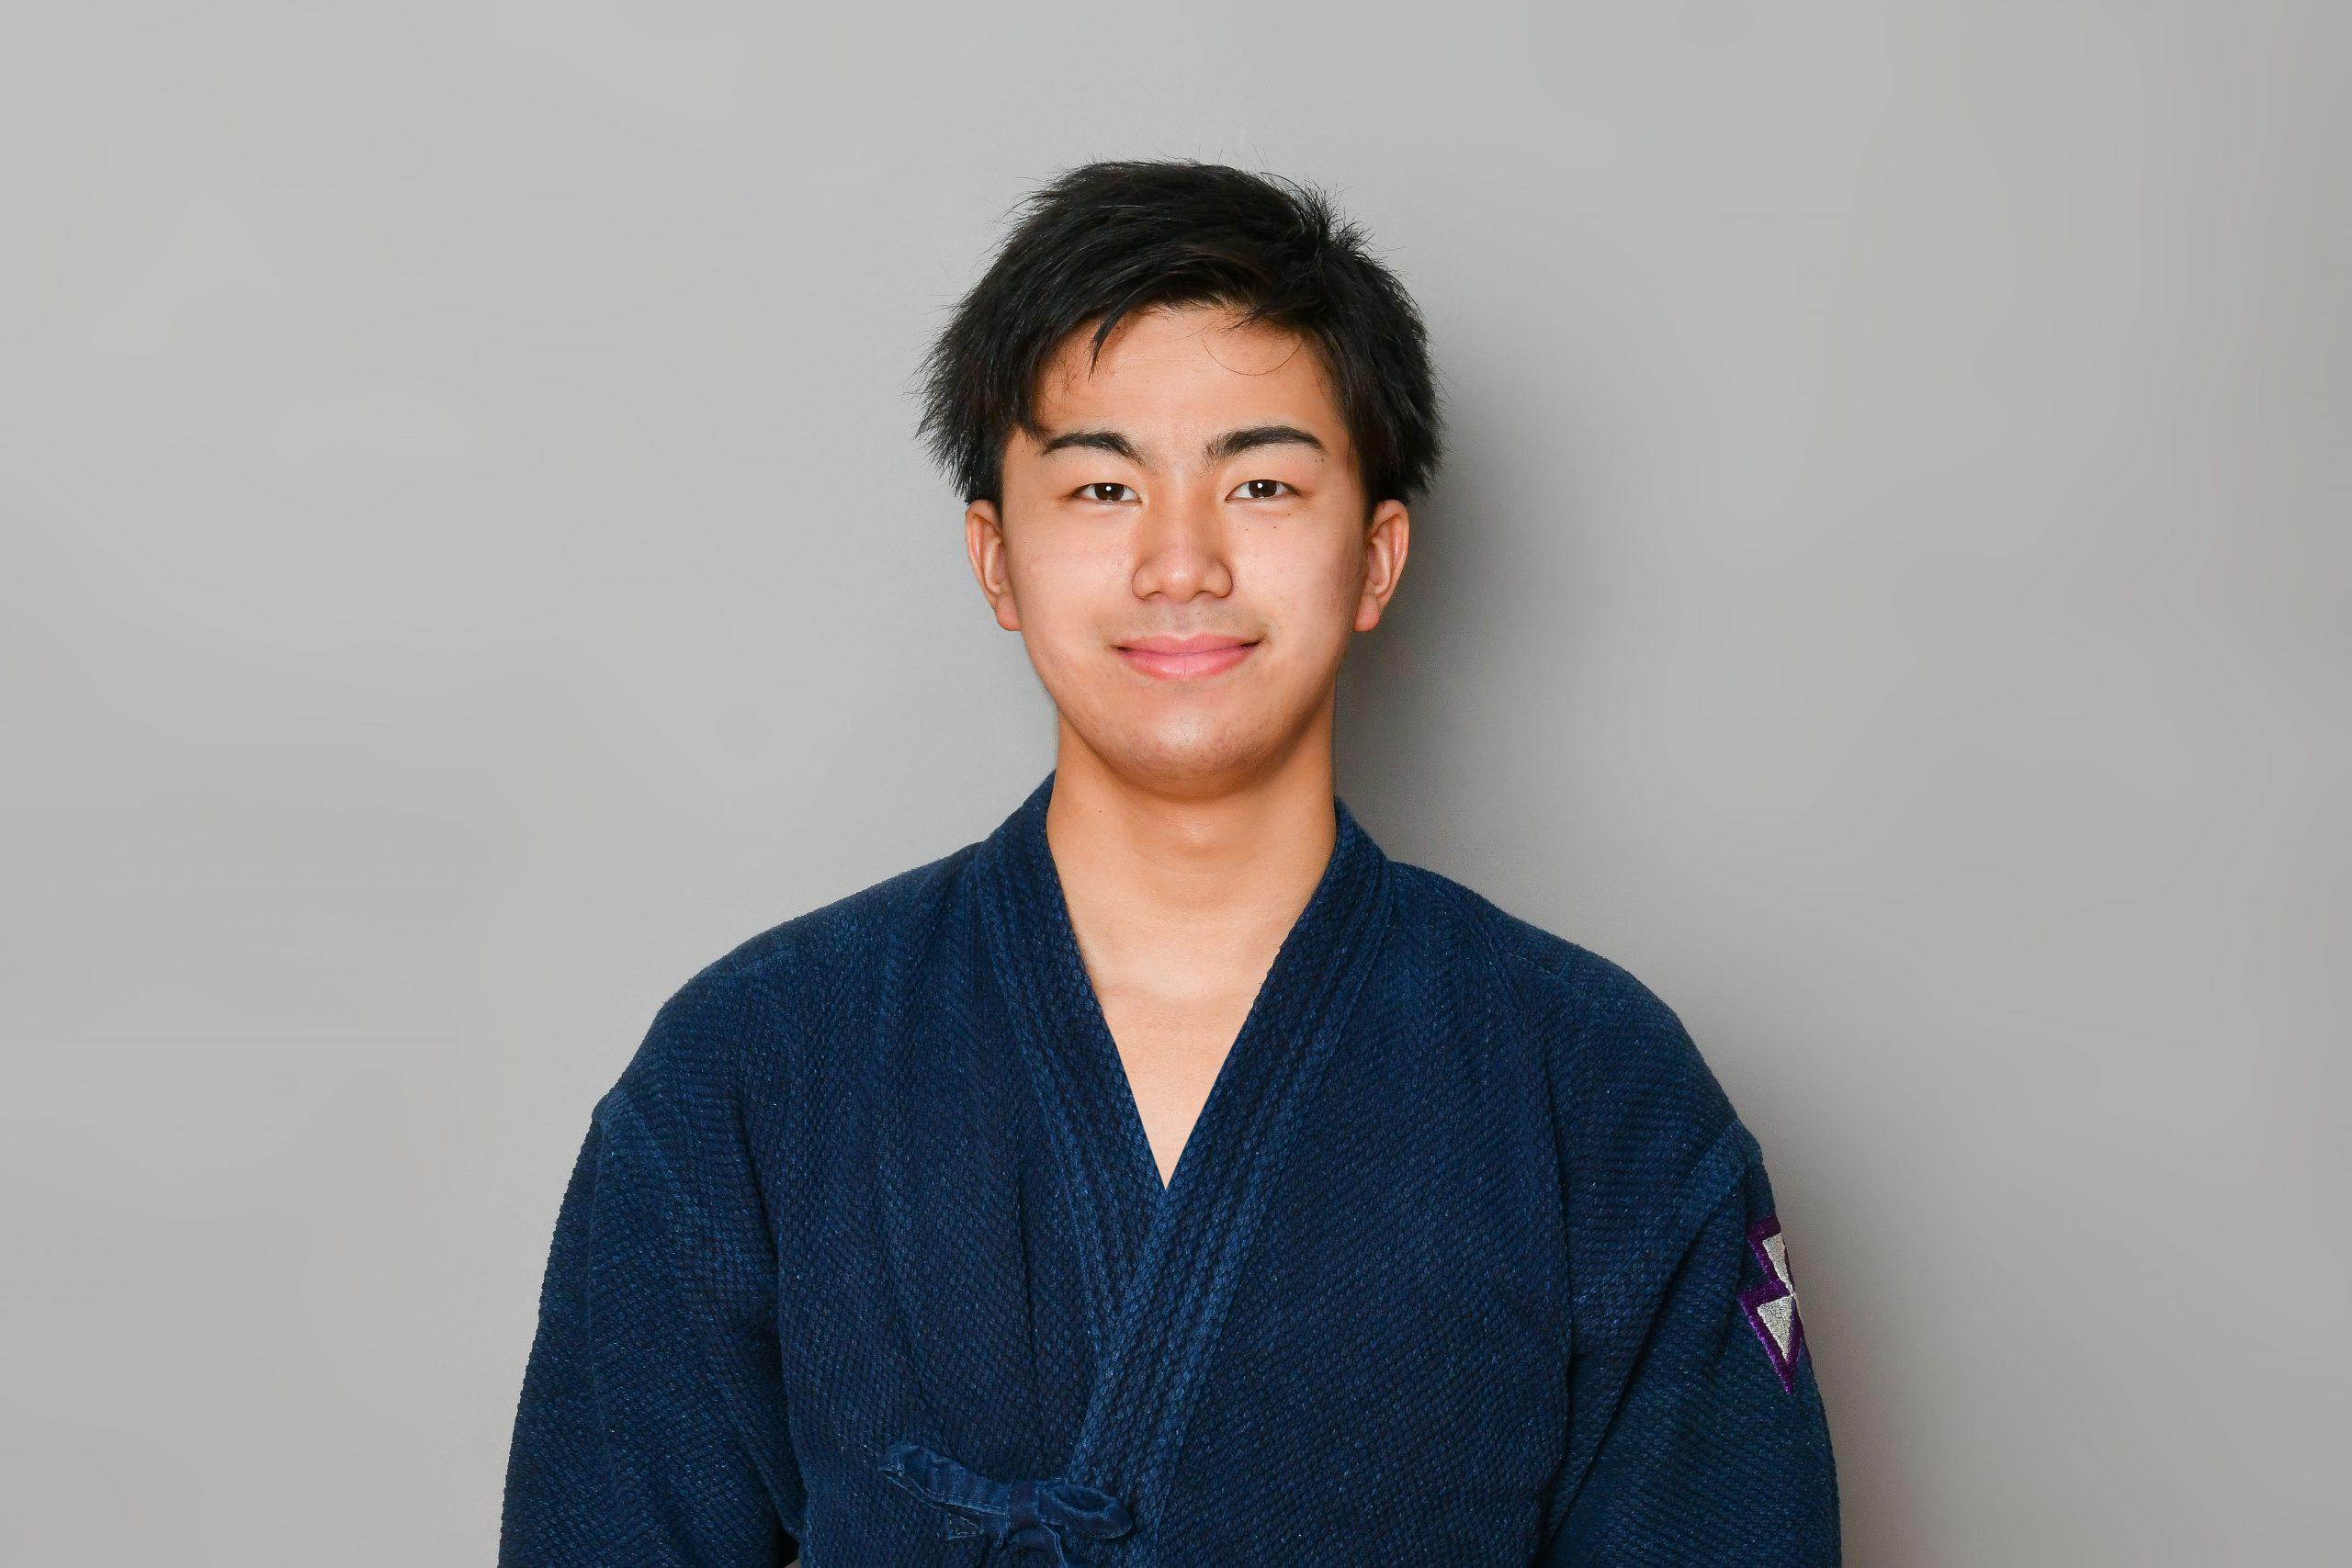 小倉 浩介(おぐら こうすけ)